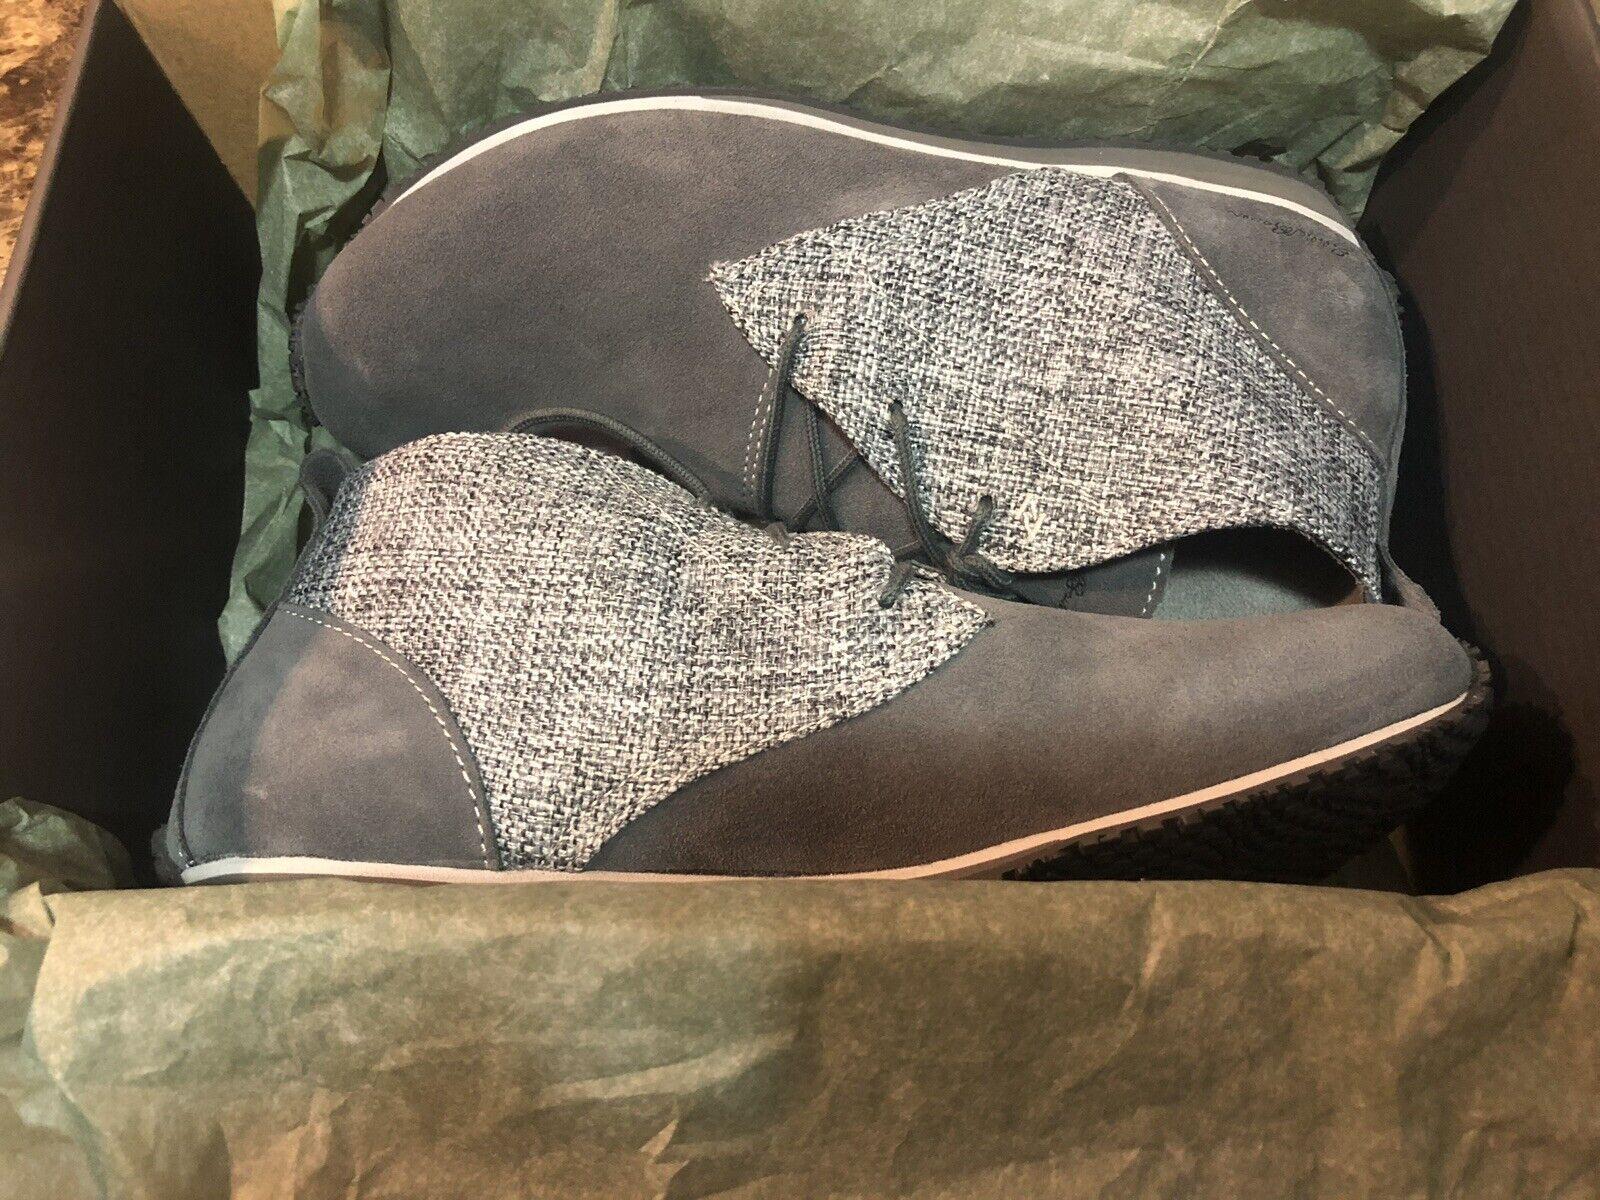 Eddie Bauer Women's Women's Women's Transition Chukkas Cinder Size  8.5 Grey Brand New f6194b